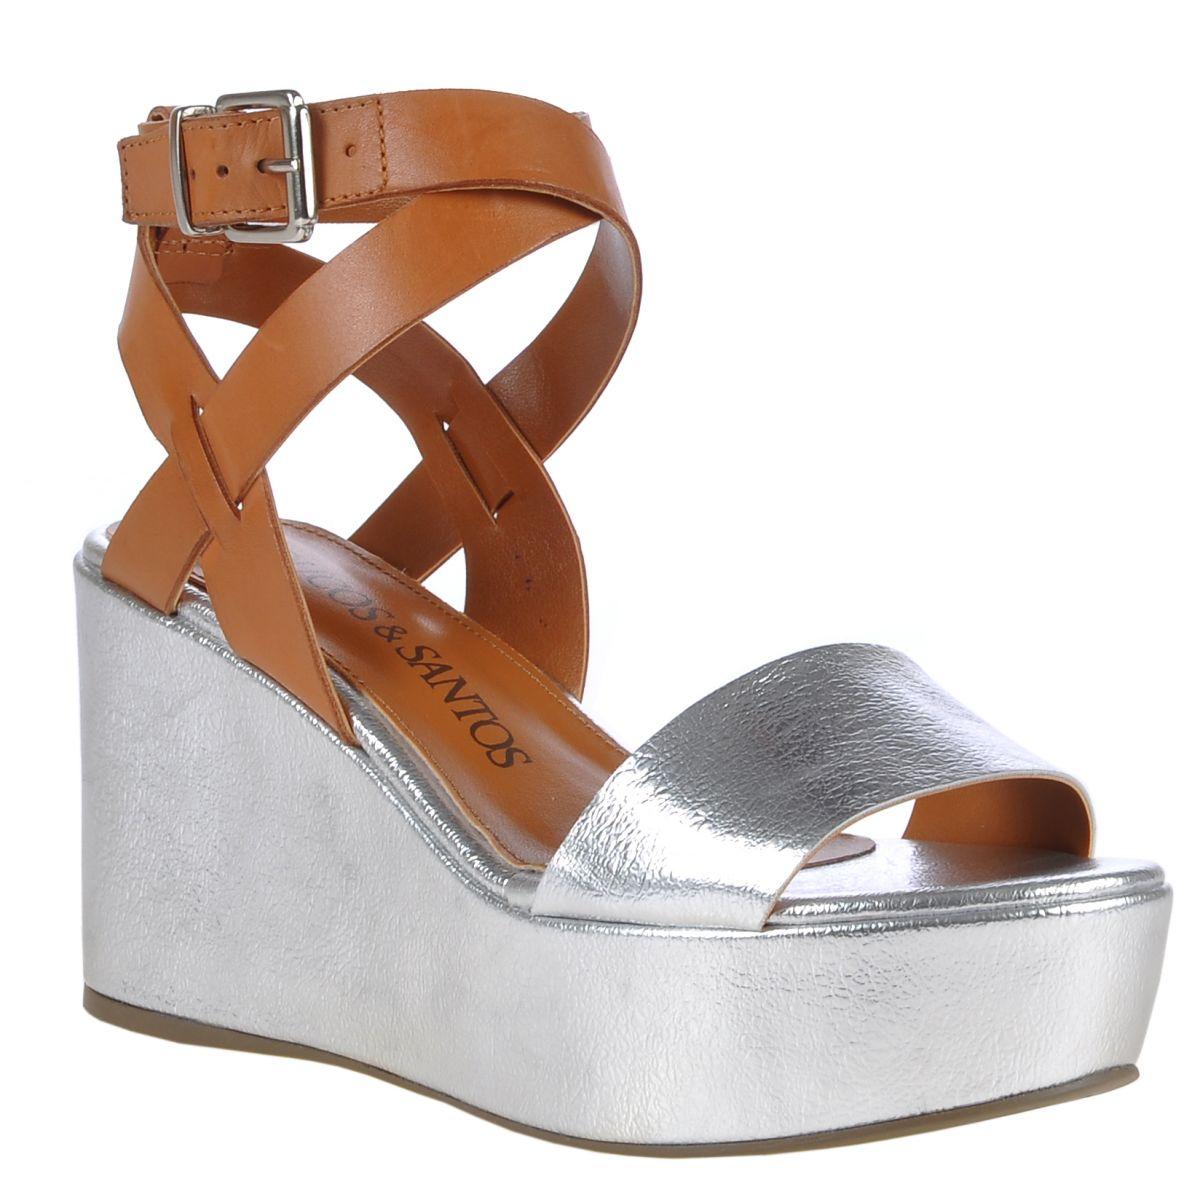 c85a3c45ea Tiras cruzadas entre as tendências de calçados verão 2015